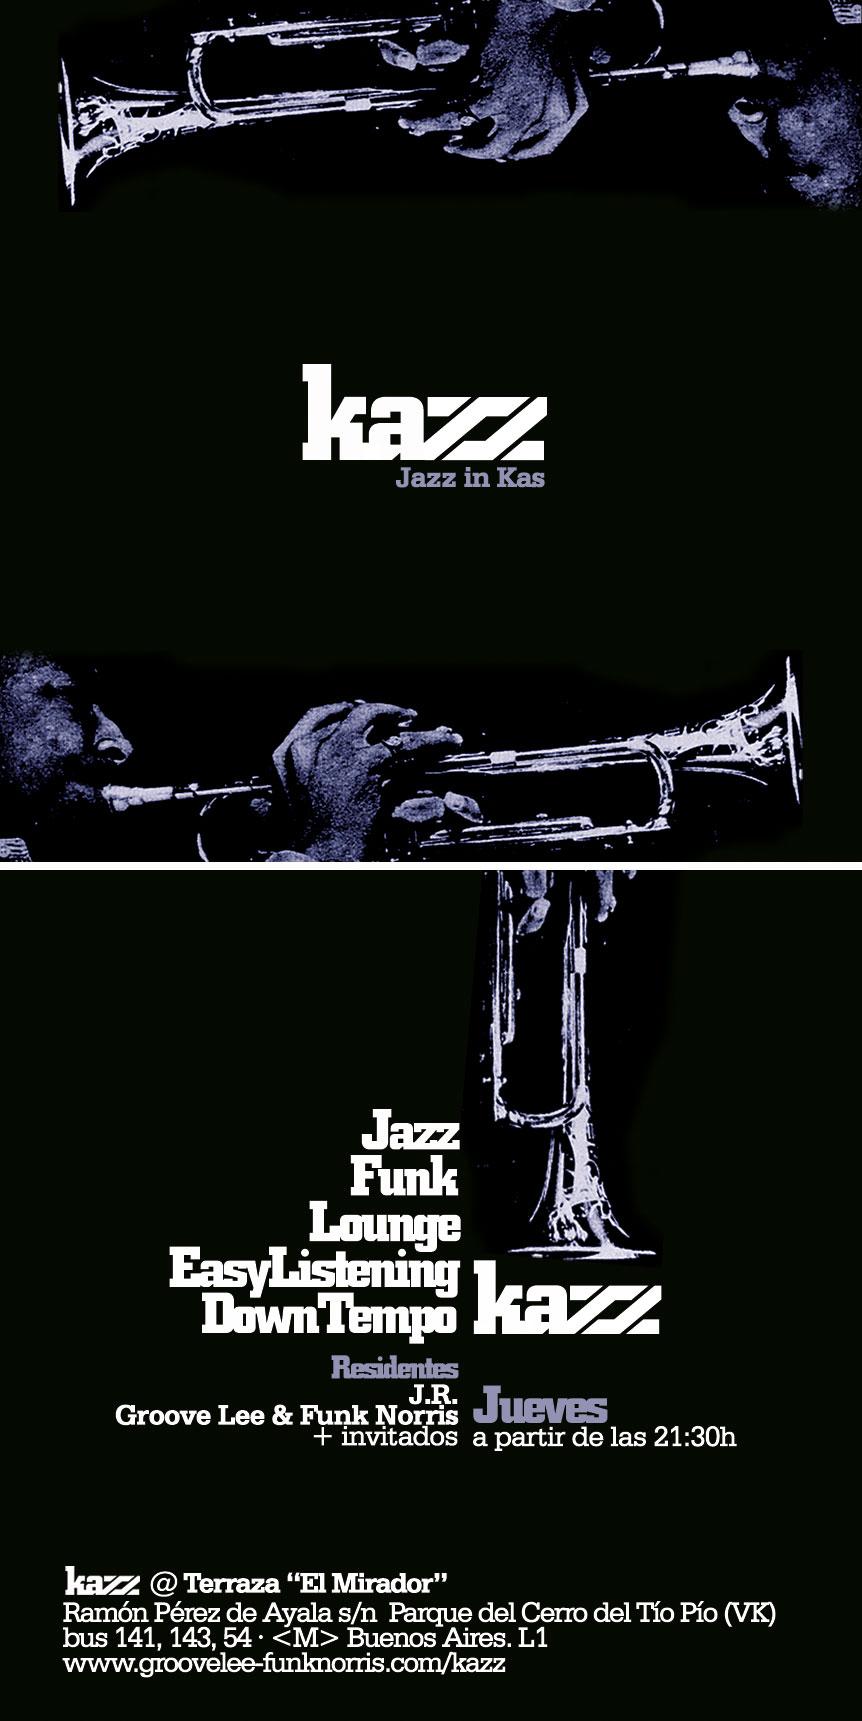 kazz. Jazz in Kas